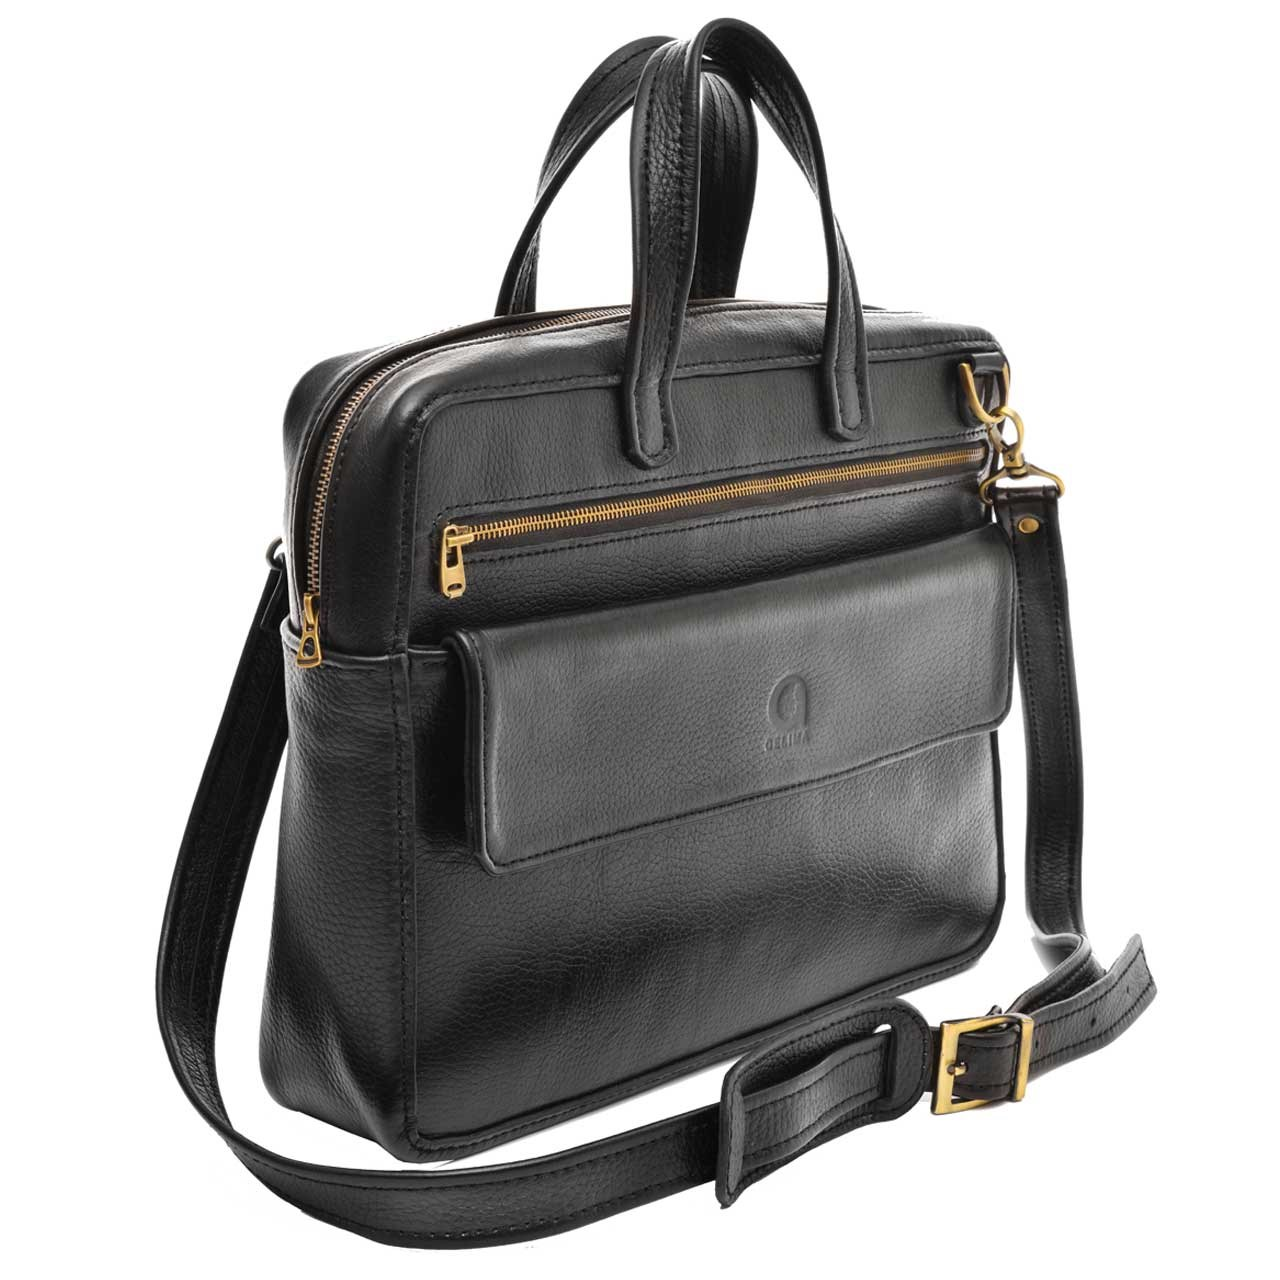 کیف اداری مردانه چرم طبیعی گلیما مدل 222